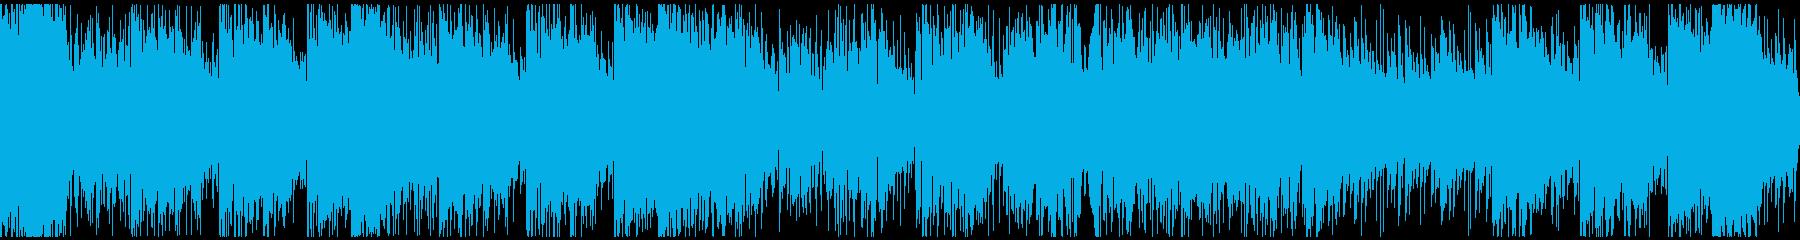 怪盗系ハードボイルドジャズ ※ループ版の再生済みの波形